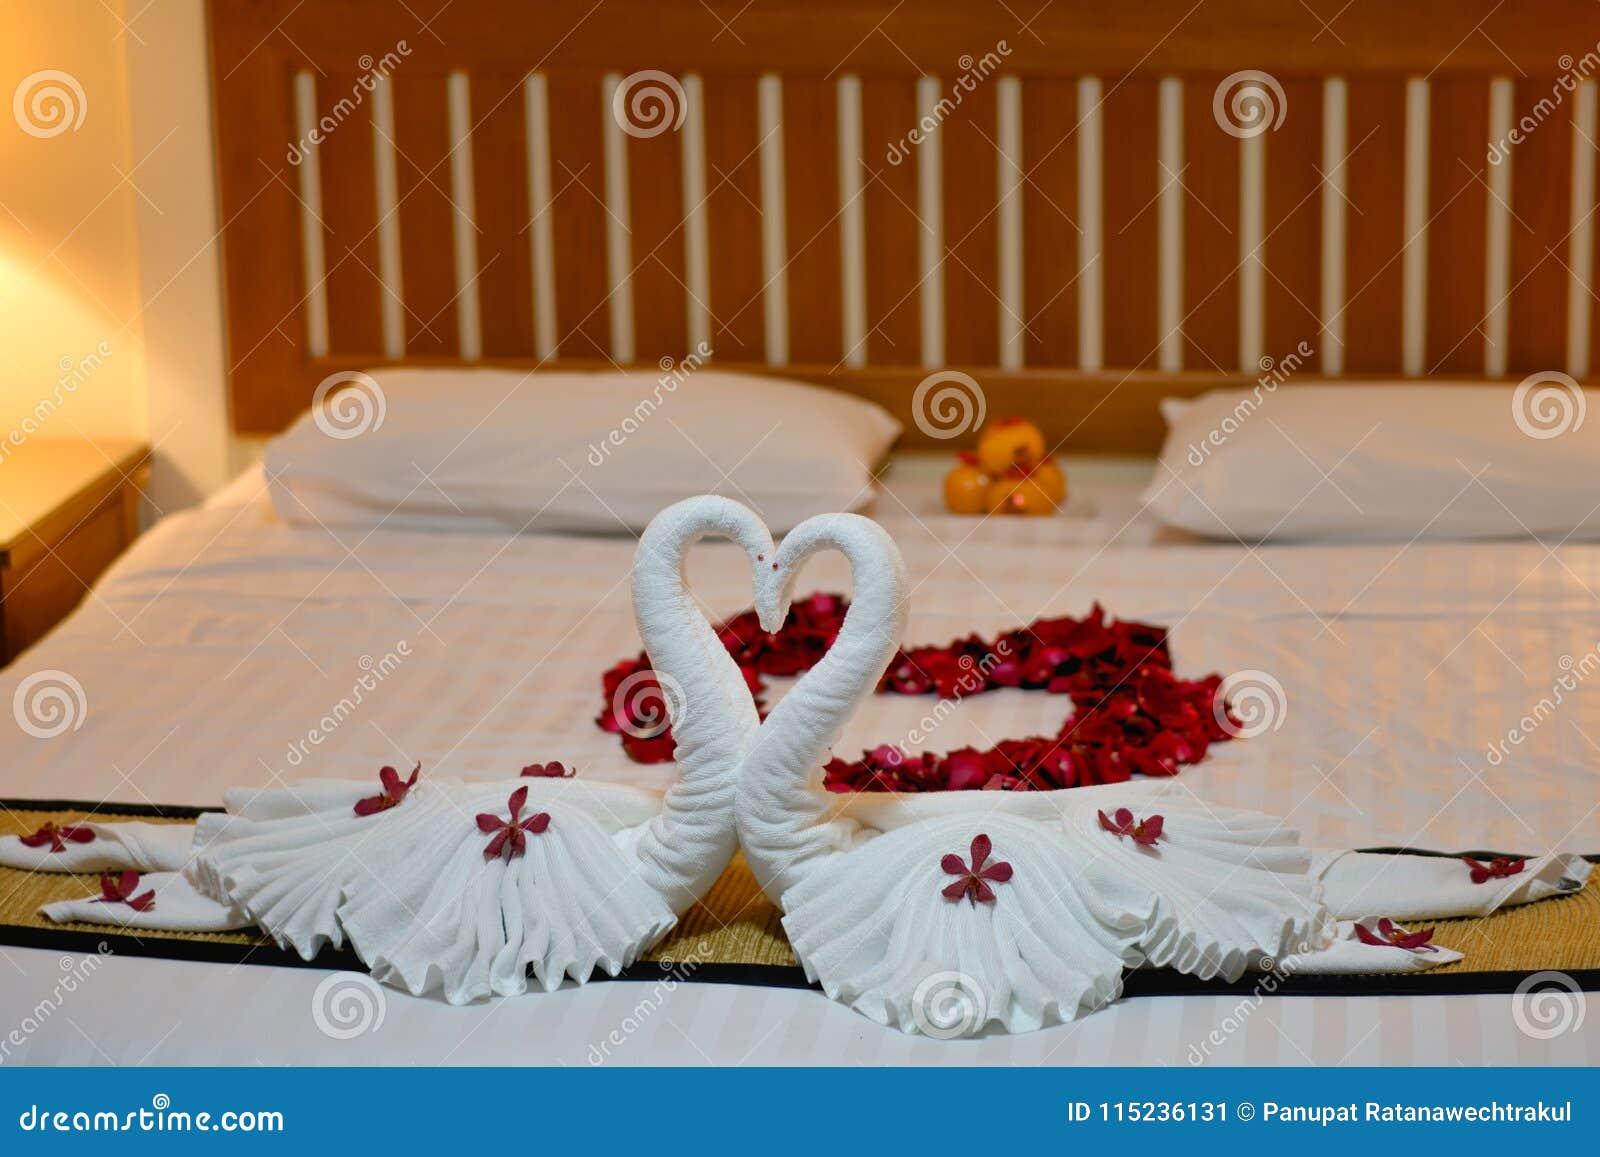 Moderne slaapkamer binnenlandse opstelling op wit algemeen en houten